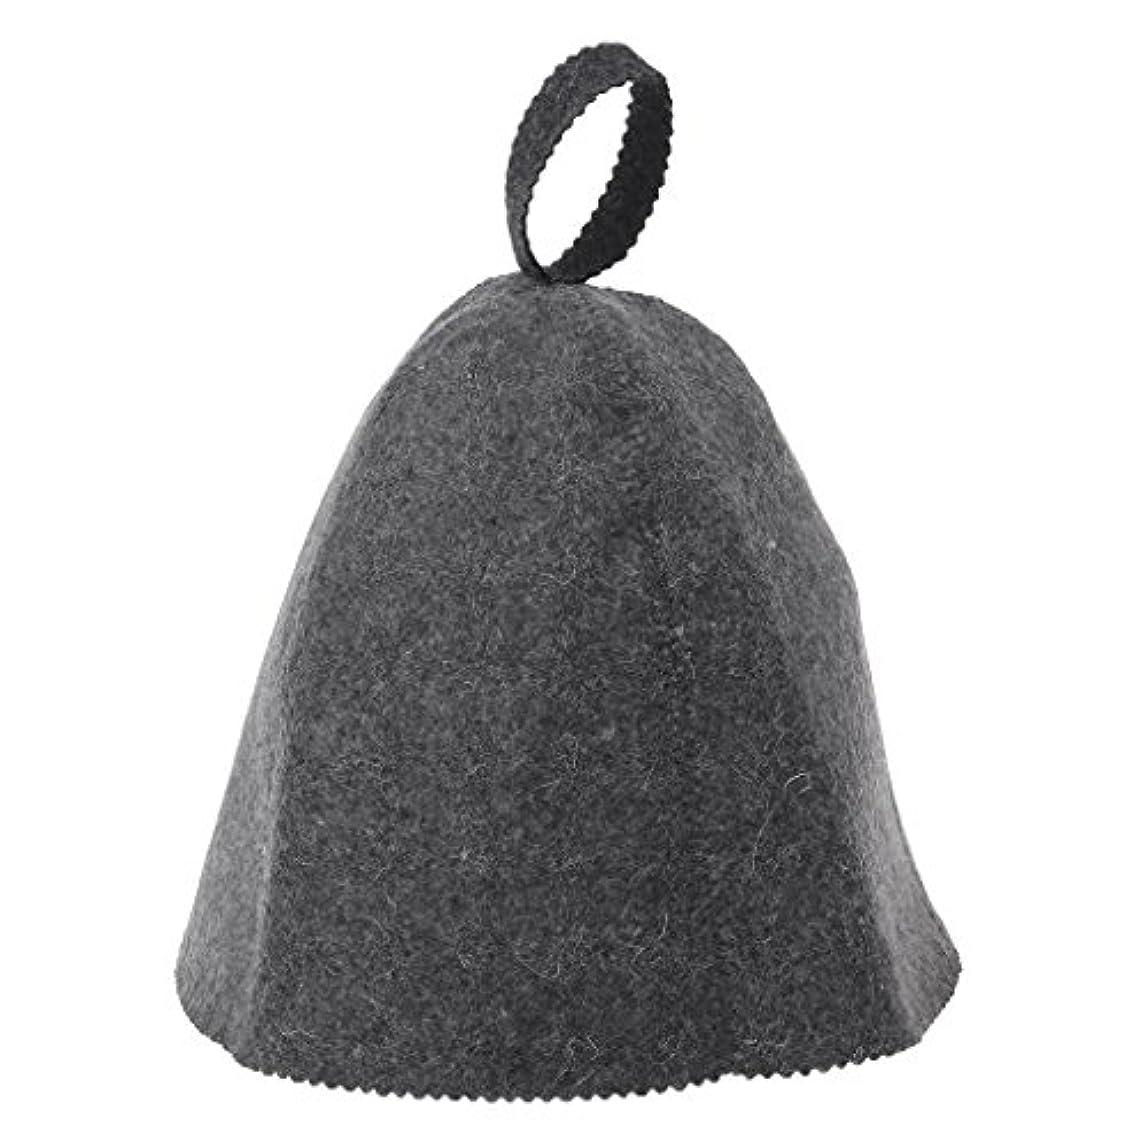 揺れる不道徳写真LANDUMのウールのフェルトのサウナの帽子、浴室の家の頭部の保護のための反熱ロシアのバニヤ帽子